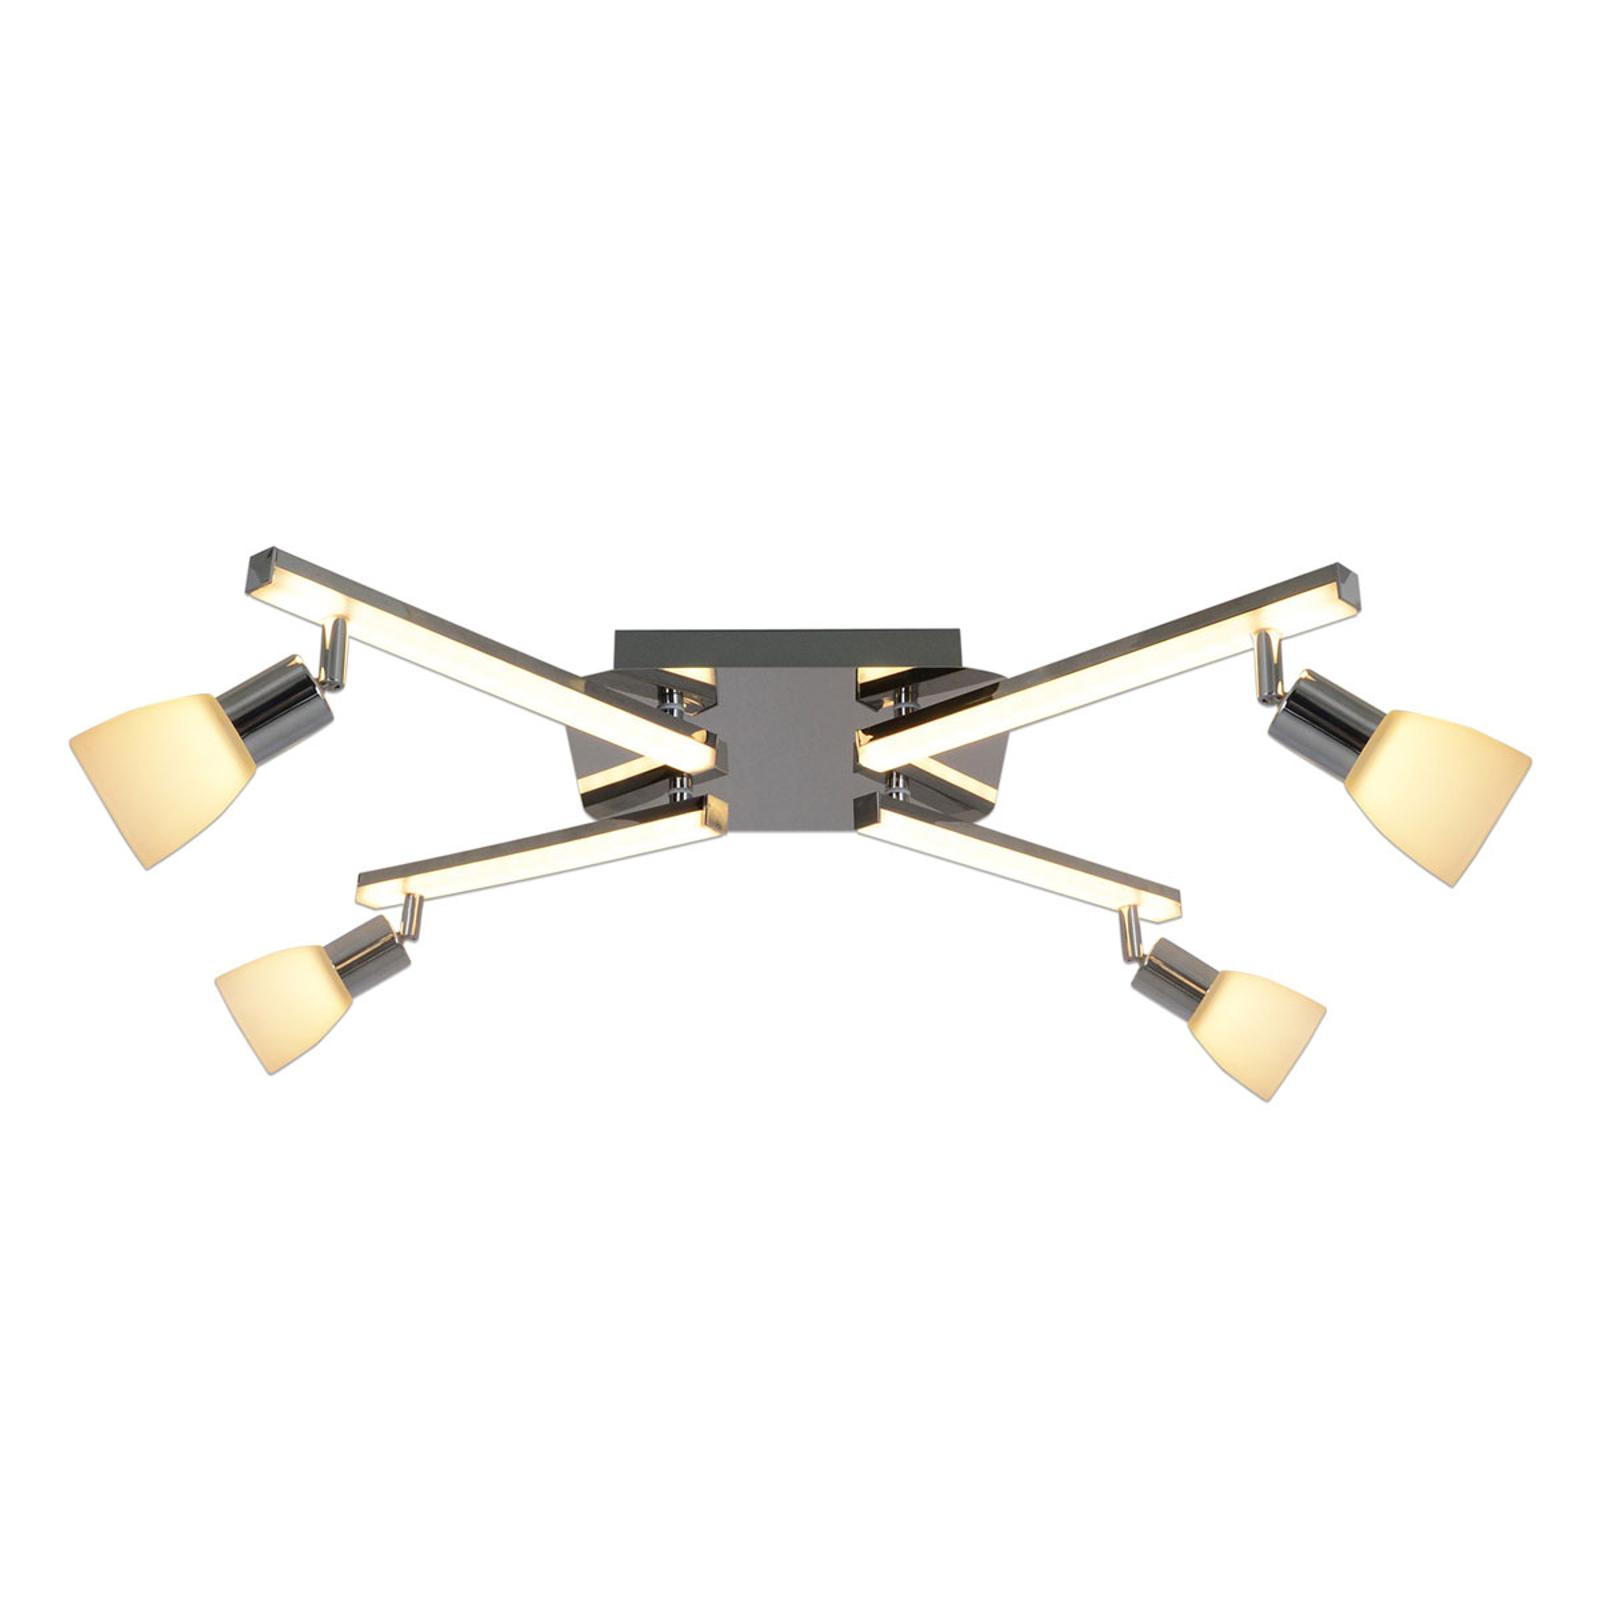 LED-kattovalaisin Ibiza, 4-lamppuinen